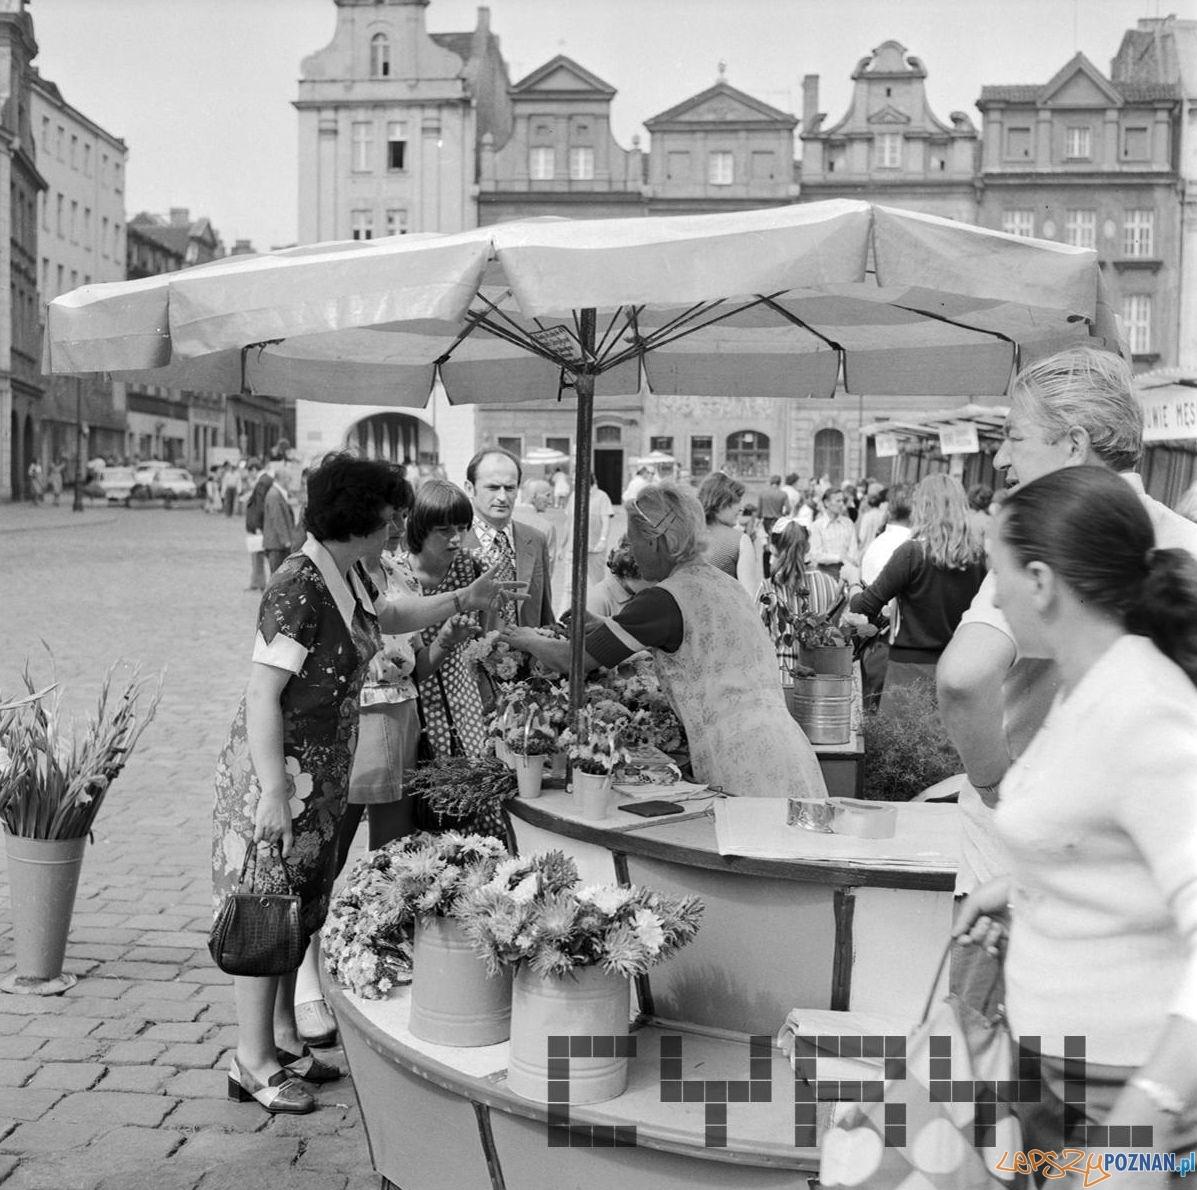 Stary Rynek kwiaciarnia 16.08.1975  Foto: Stanisław Wiktor / Cyryl